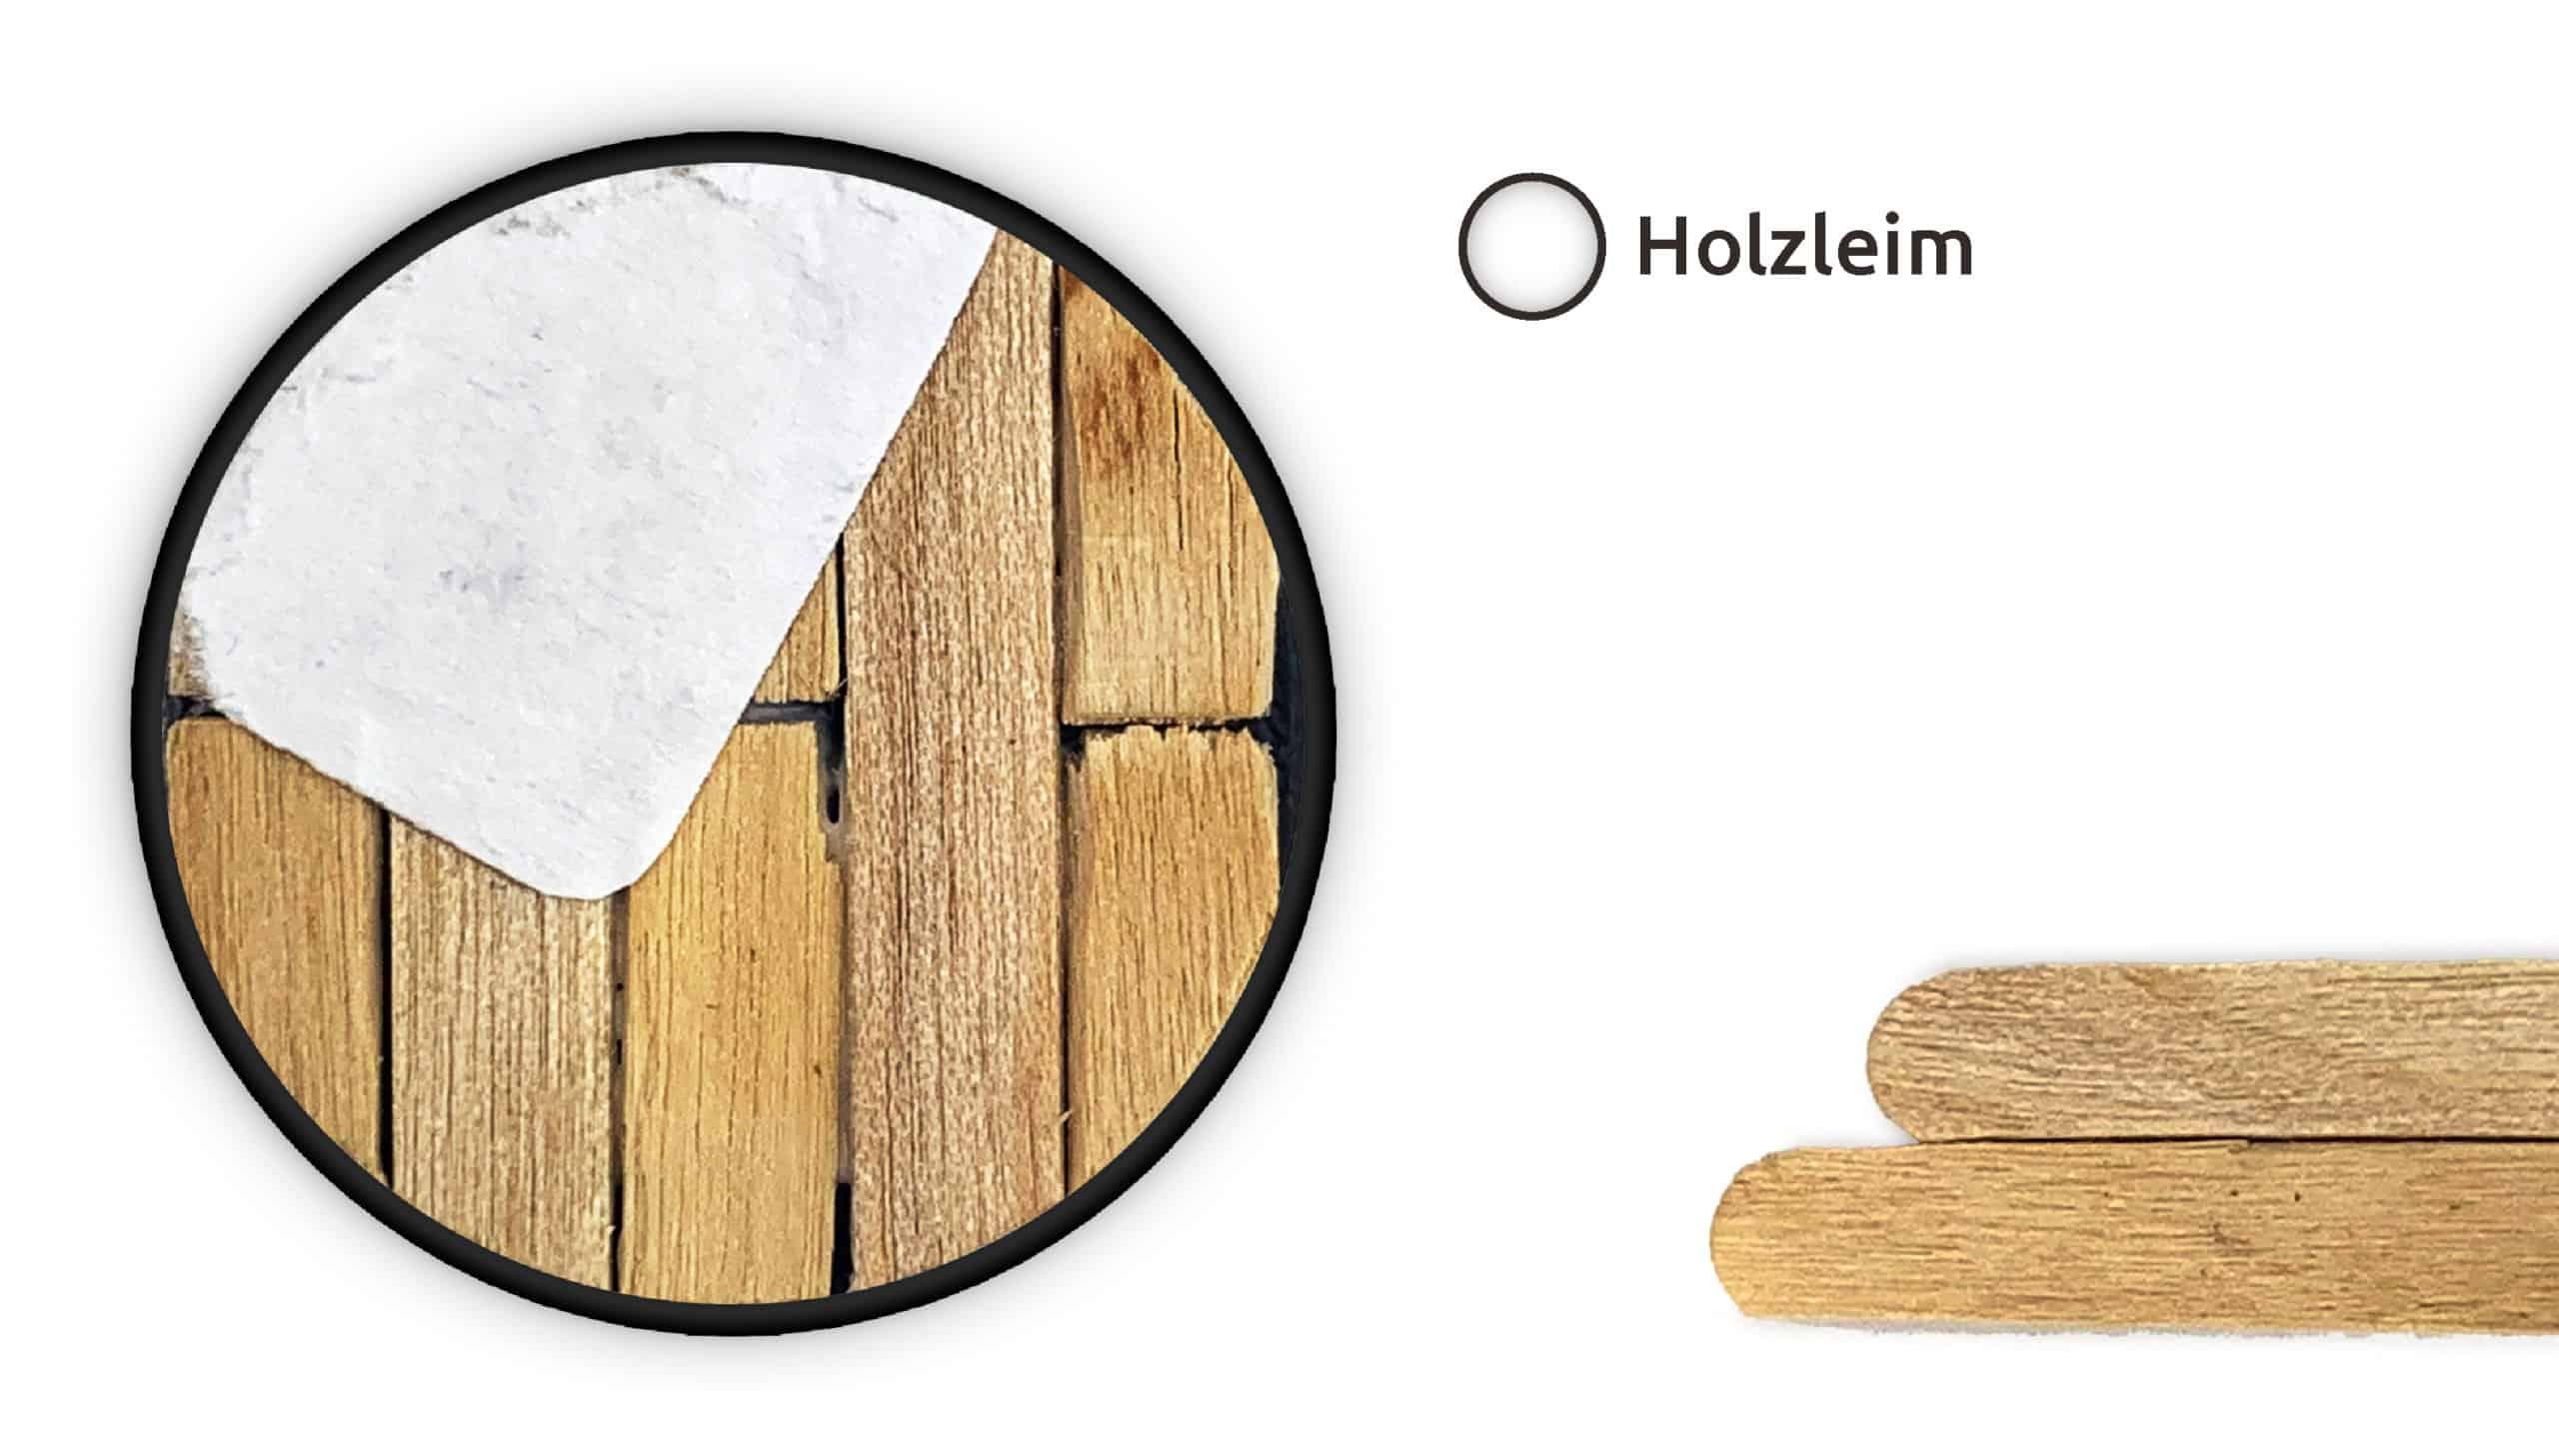 Eine mit Holzstäbchen bedeckte Base für Tabletop-Figuren.